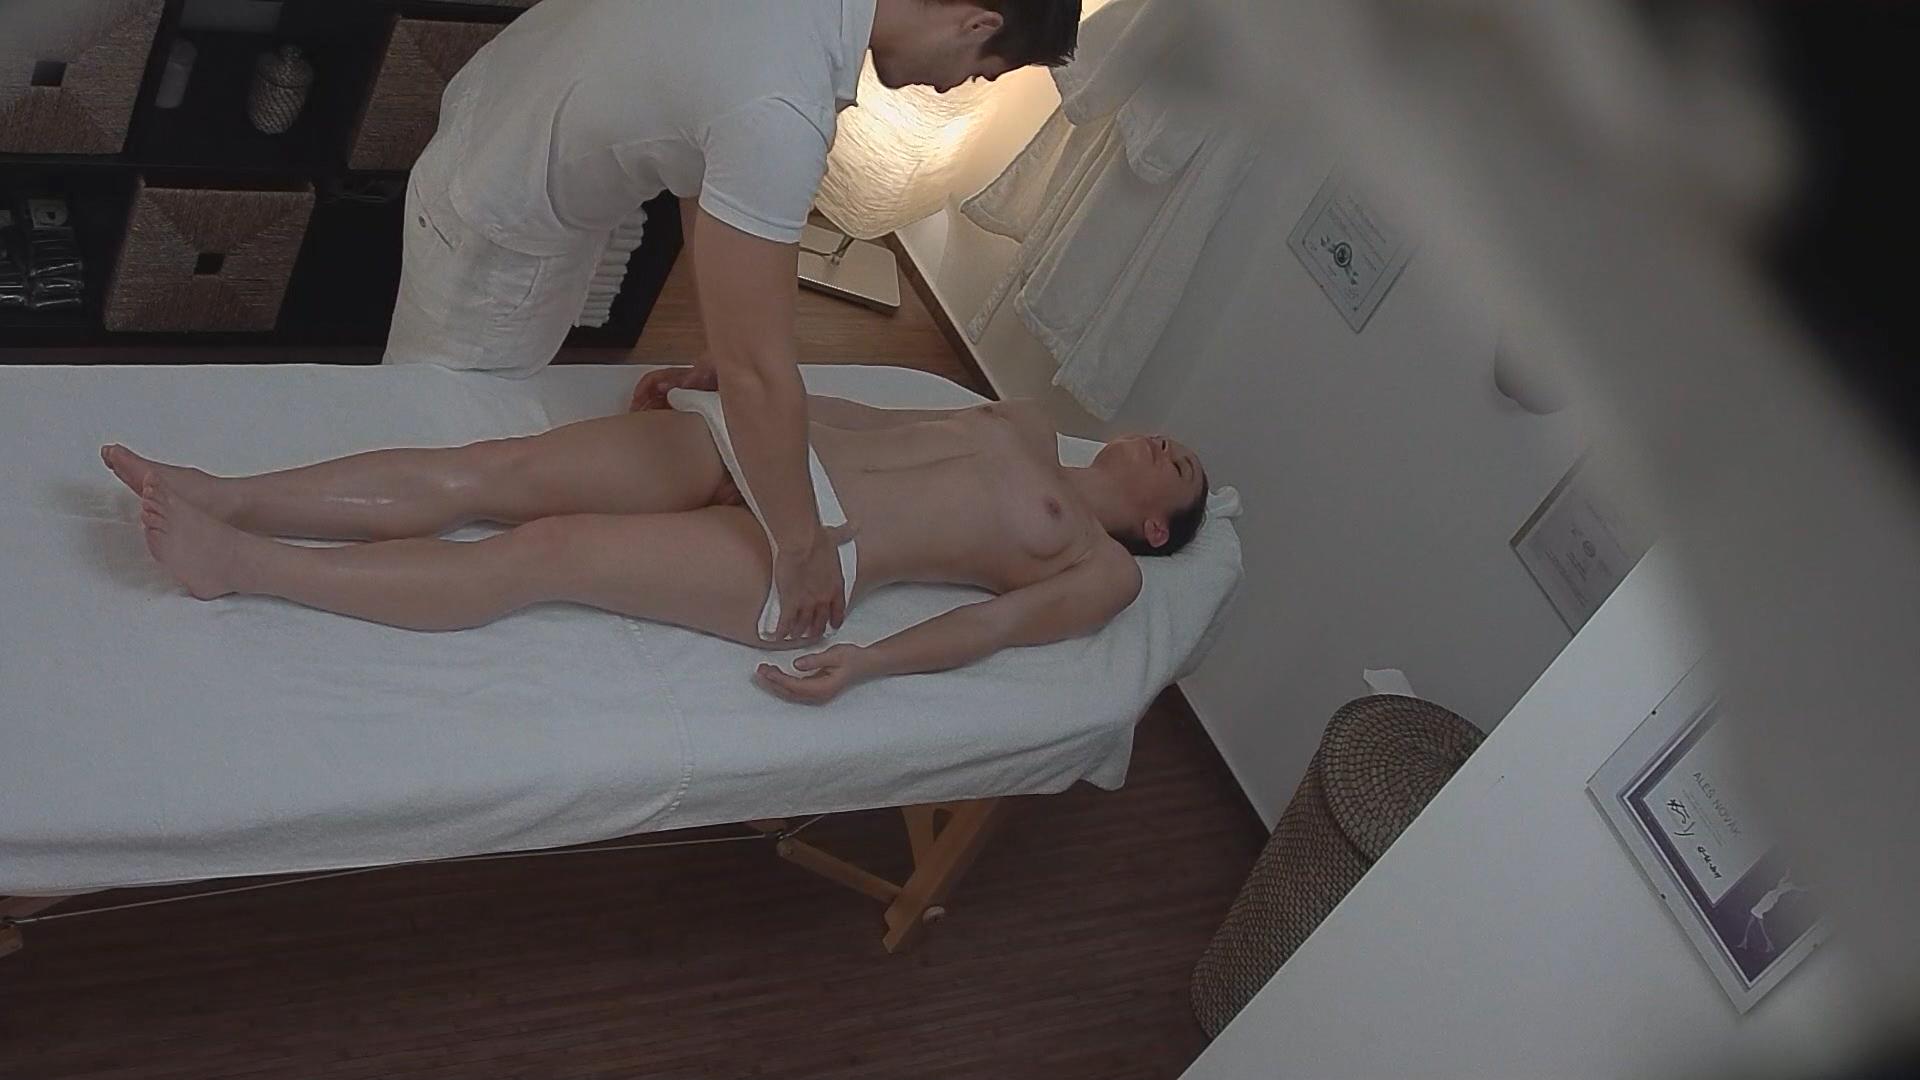 Скрытая камера массаж порно много спермы гинеколог — 10